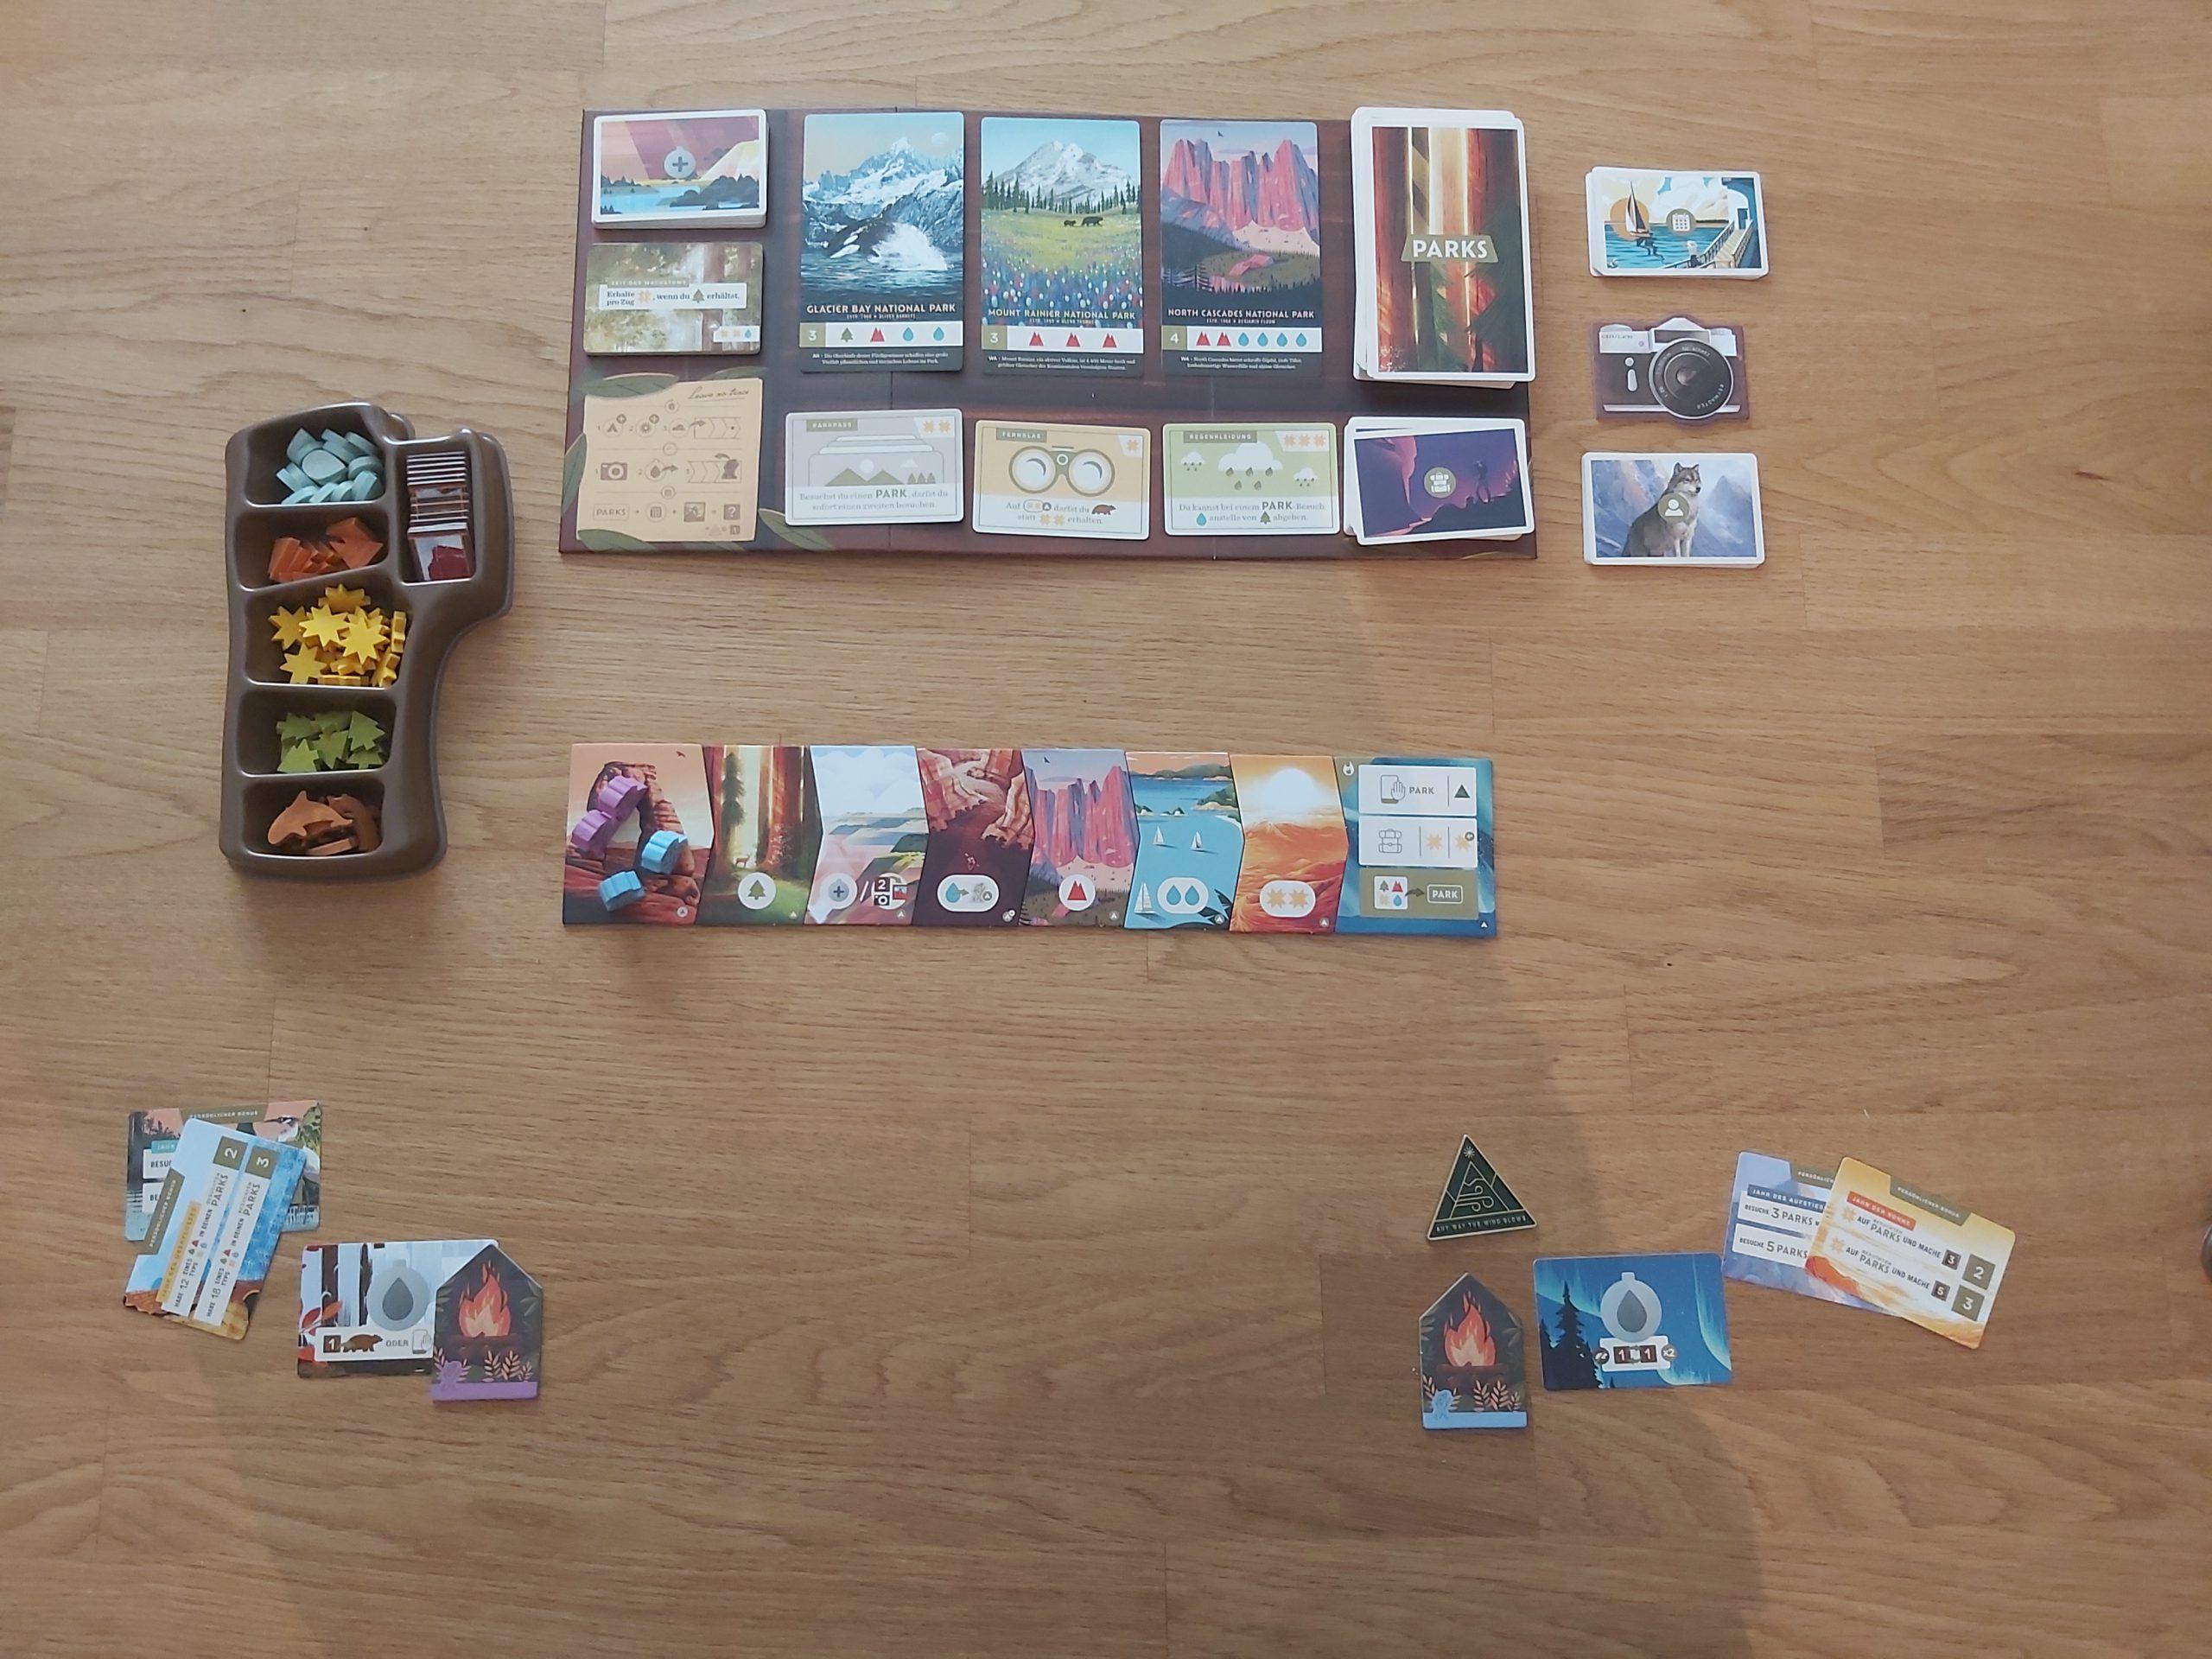 Zu sehen ist der Spielaufbau von PARKS für 2 Spielende.